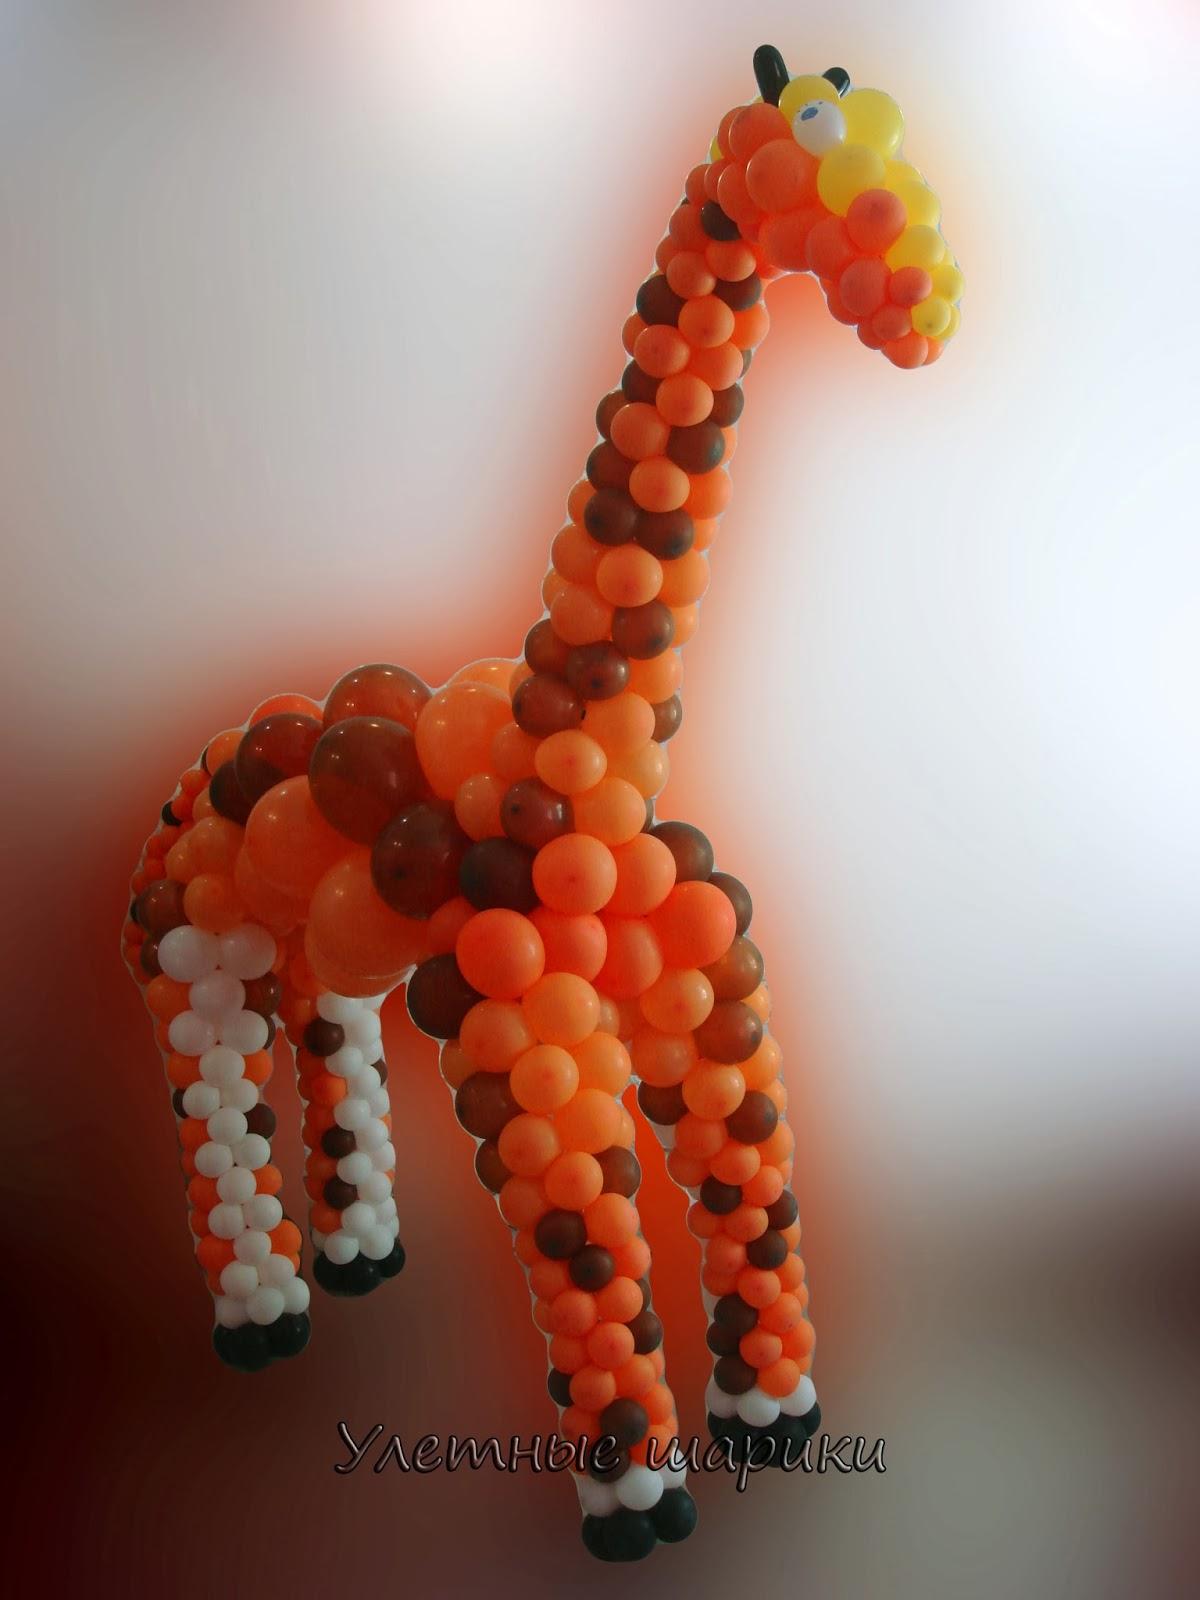 Жираф из воздушных шариков